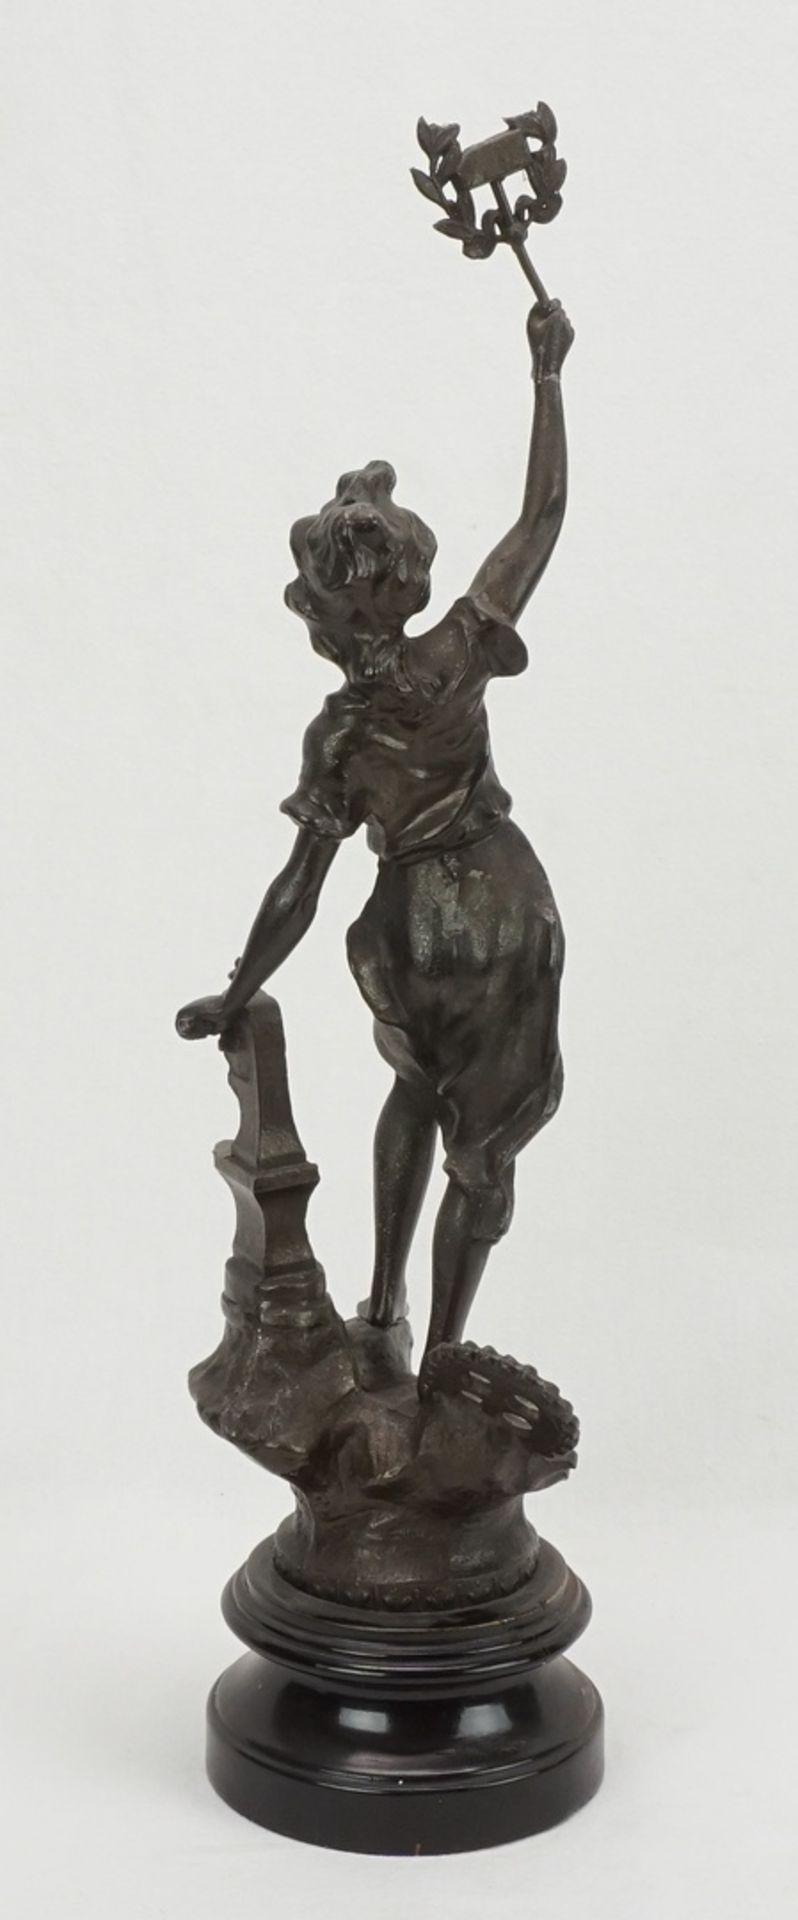 Zwei allegorische Figuren, für Handwerk und Wirtschaft & Handel - Bild 3 aus 5